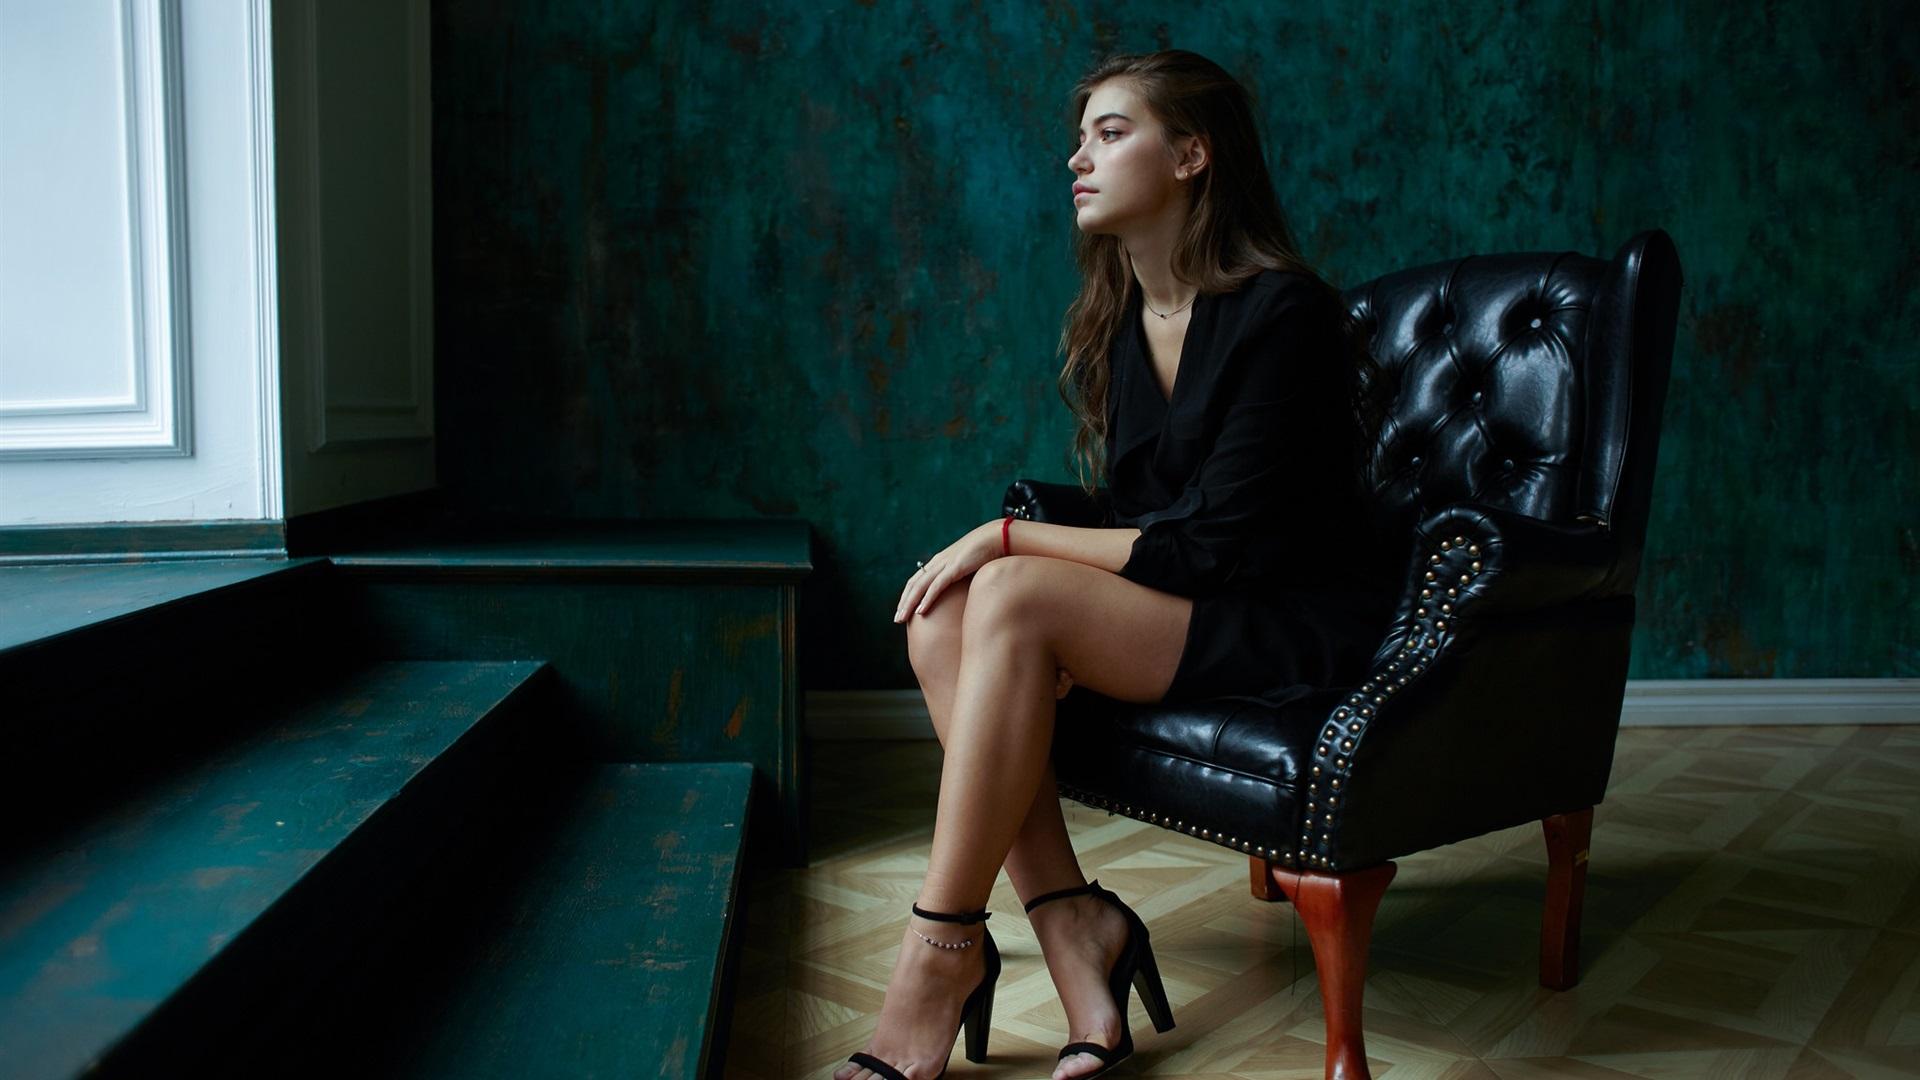 Фото моделей девушек сидящих в креслах